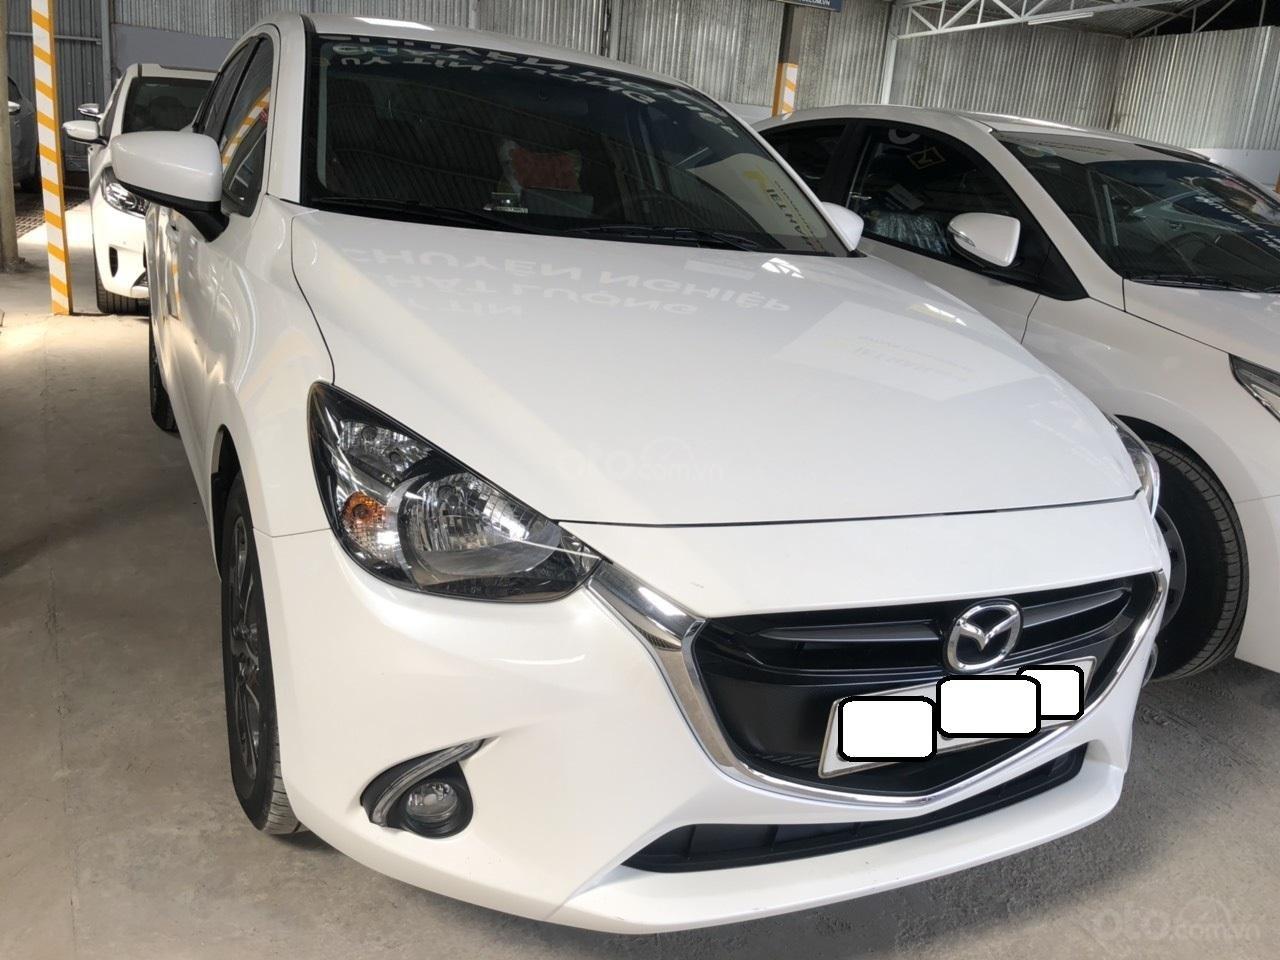 Bán Mazda 2 sản xuất năm 2017, màu trắng, số tự động, xe bao đẹp (4)